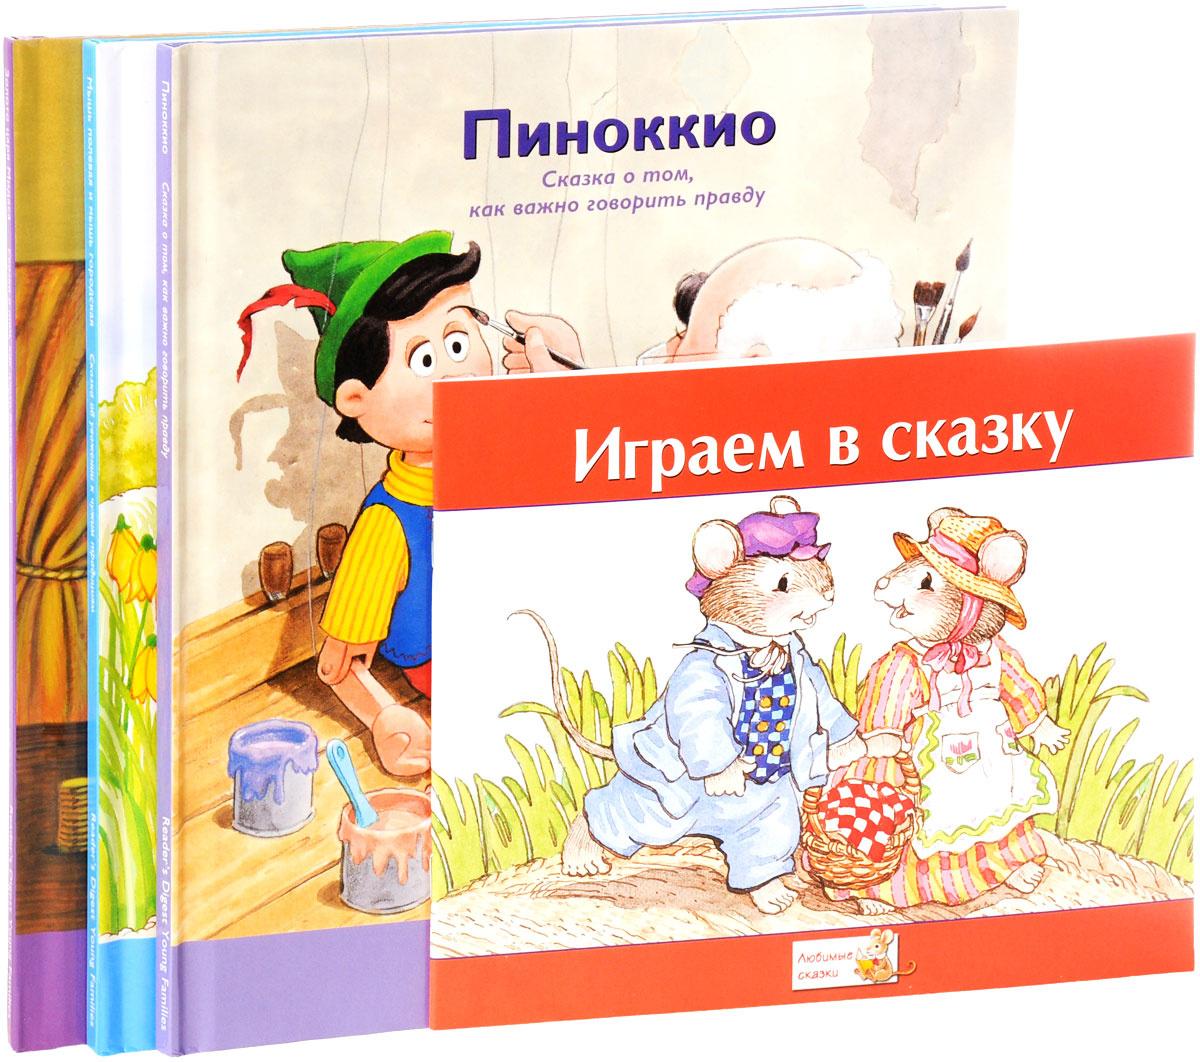 Пиноккио. Мышь полевая и мышь городская. Золото царя Мидаса. Играем в сказку (комплект из 4 книг + наклейки) #1